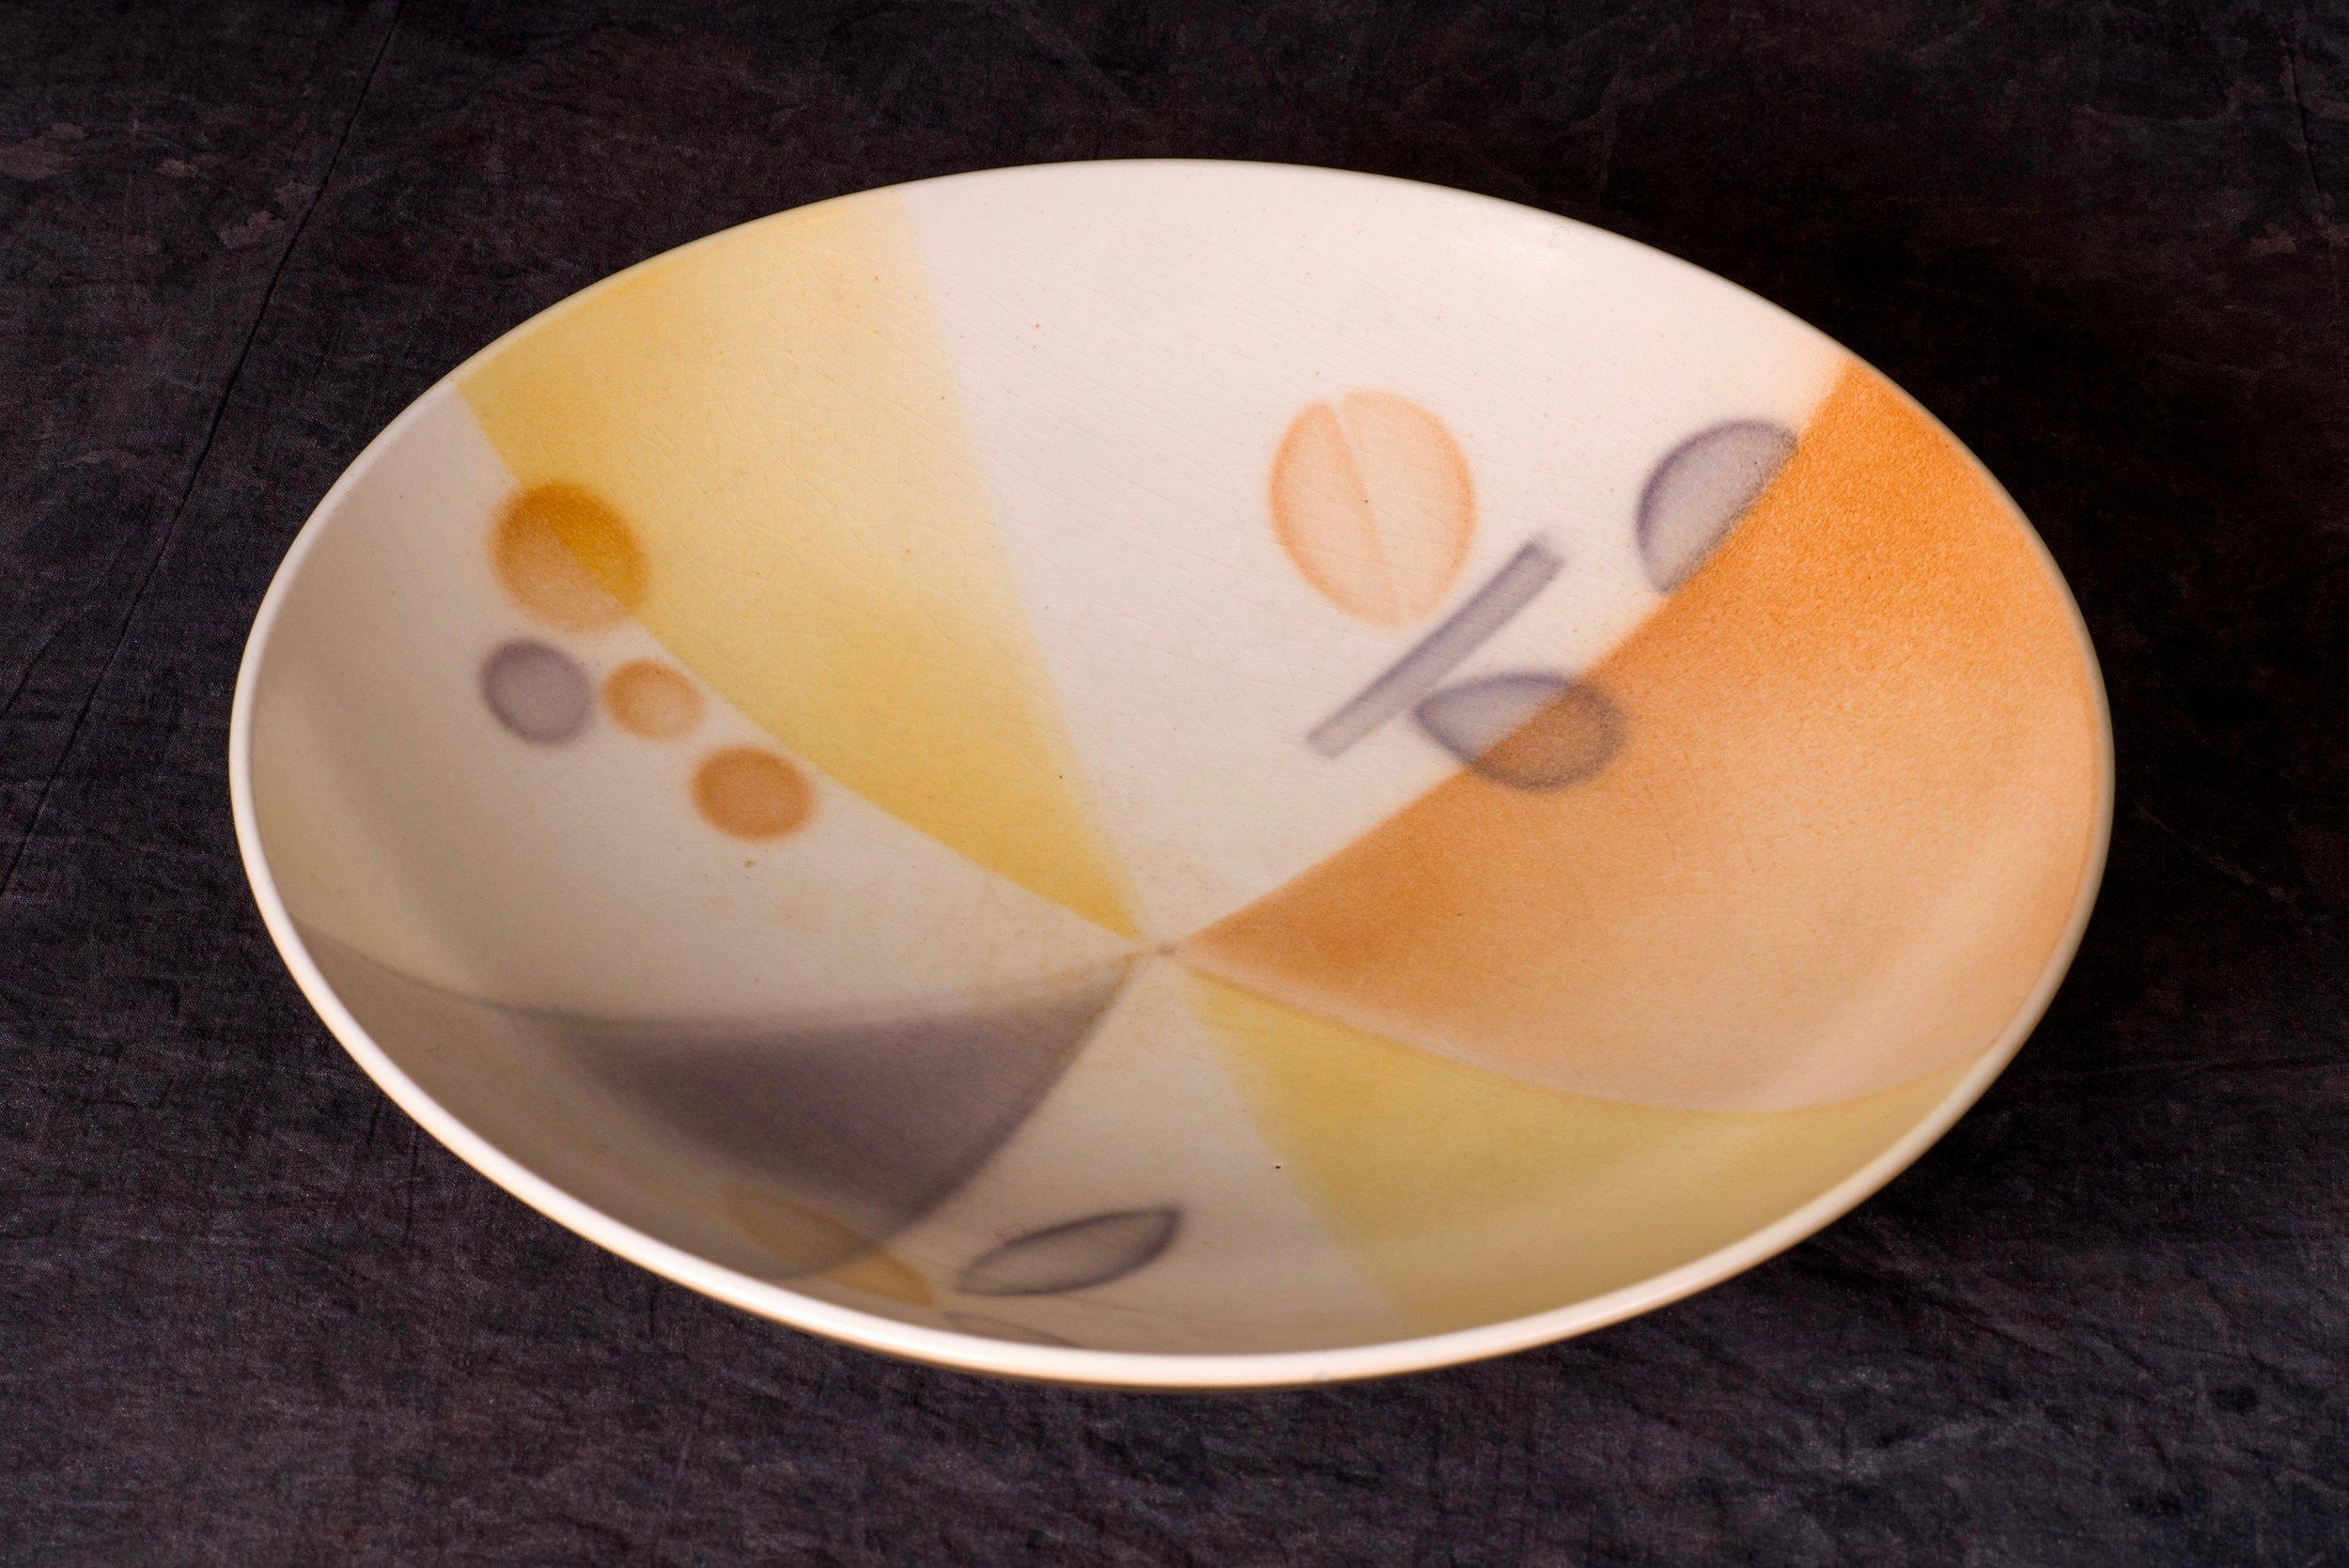 #109 Bowl, form 3120, dec.86, Karlsruhe, form and dec. by Martha Katzer, 1929. Black 3120/86/Germany; Blind mfr.; 7.5 cm H, 31.6 cm Ø. RM2738